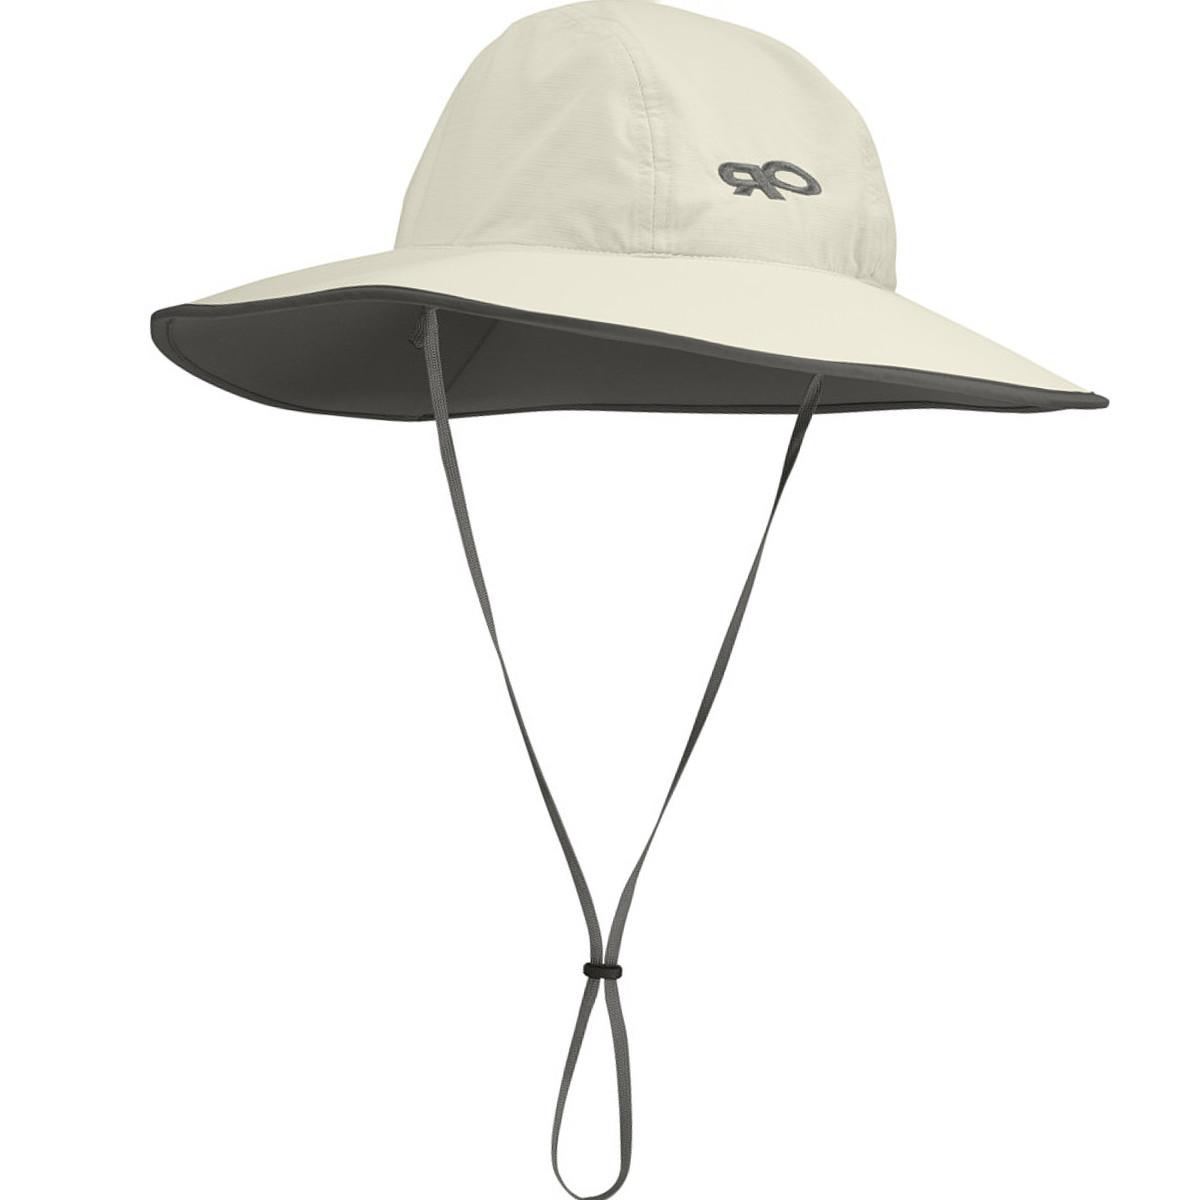 Outdoor Research Aquifer Sombrero - Men's